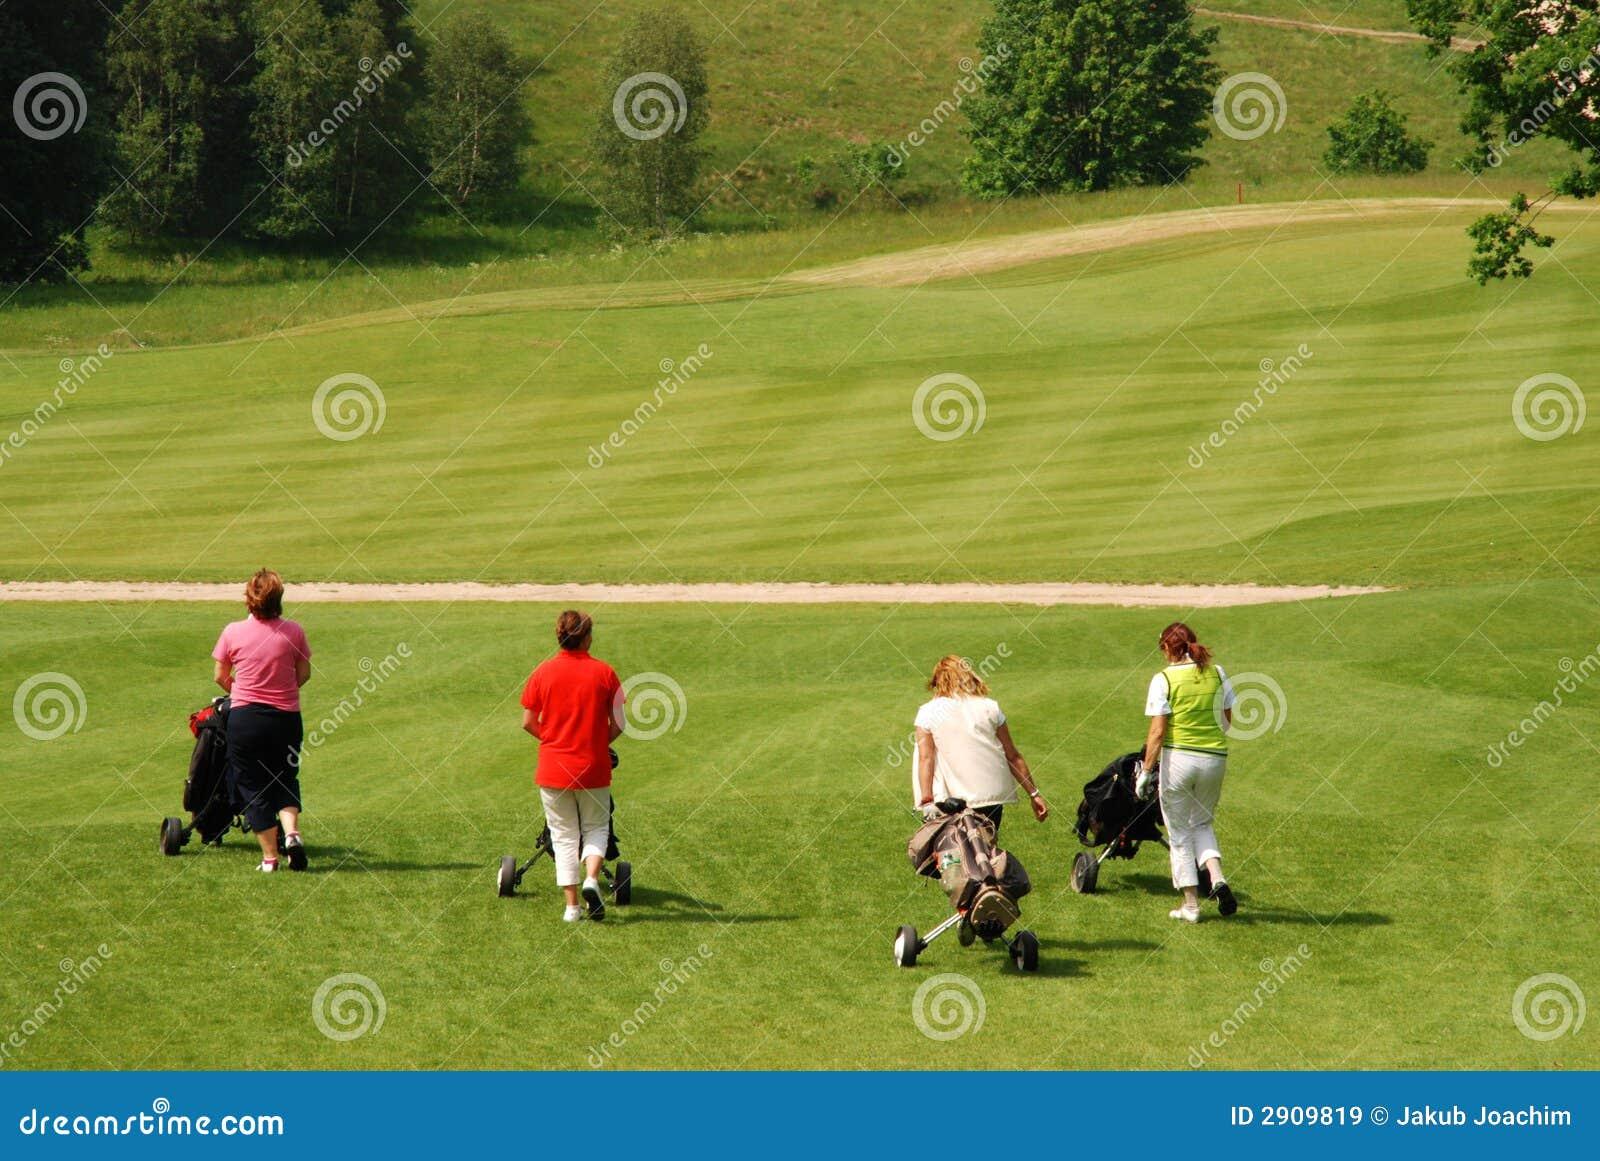 De spelers van het golf